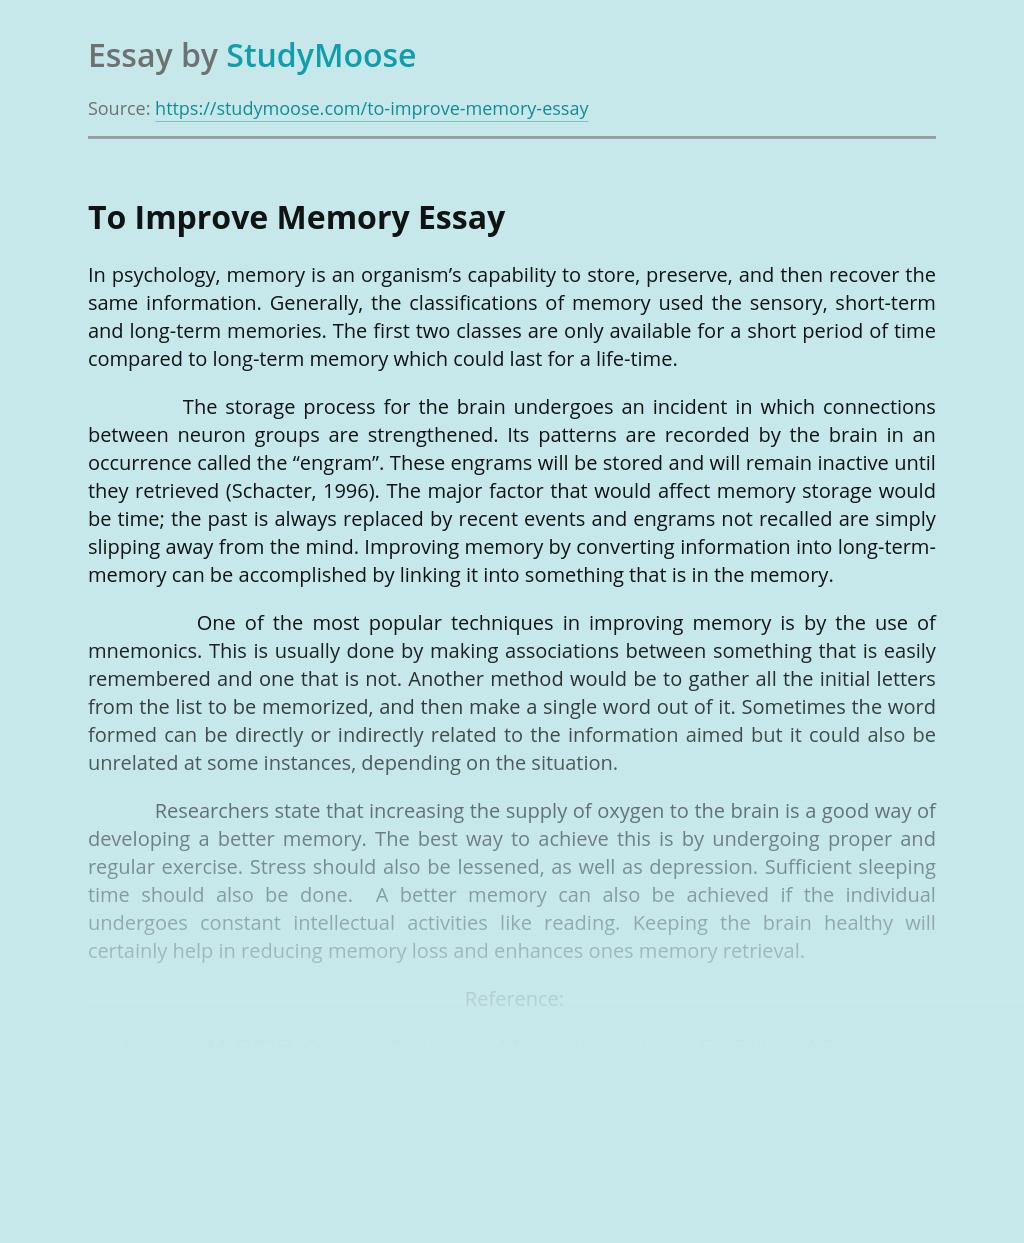 To Improve Memory